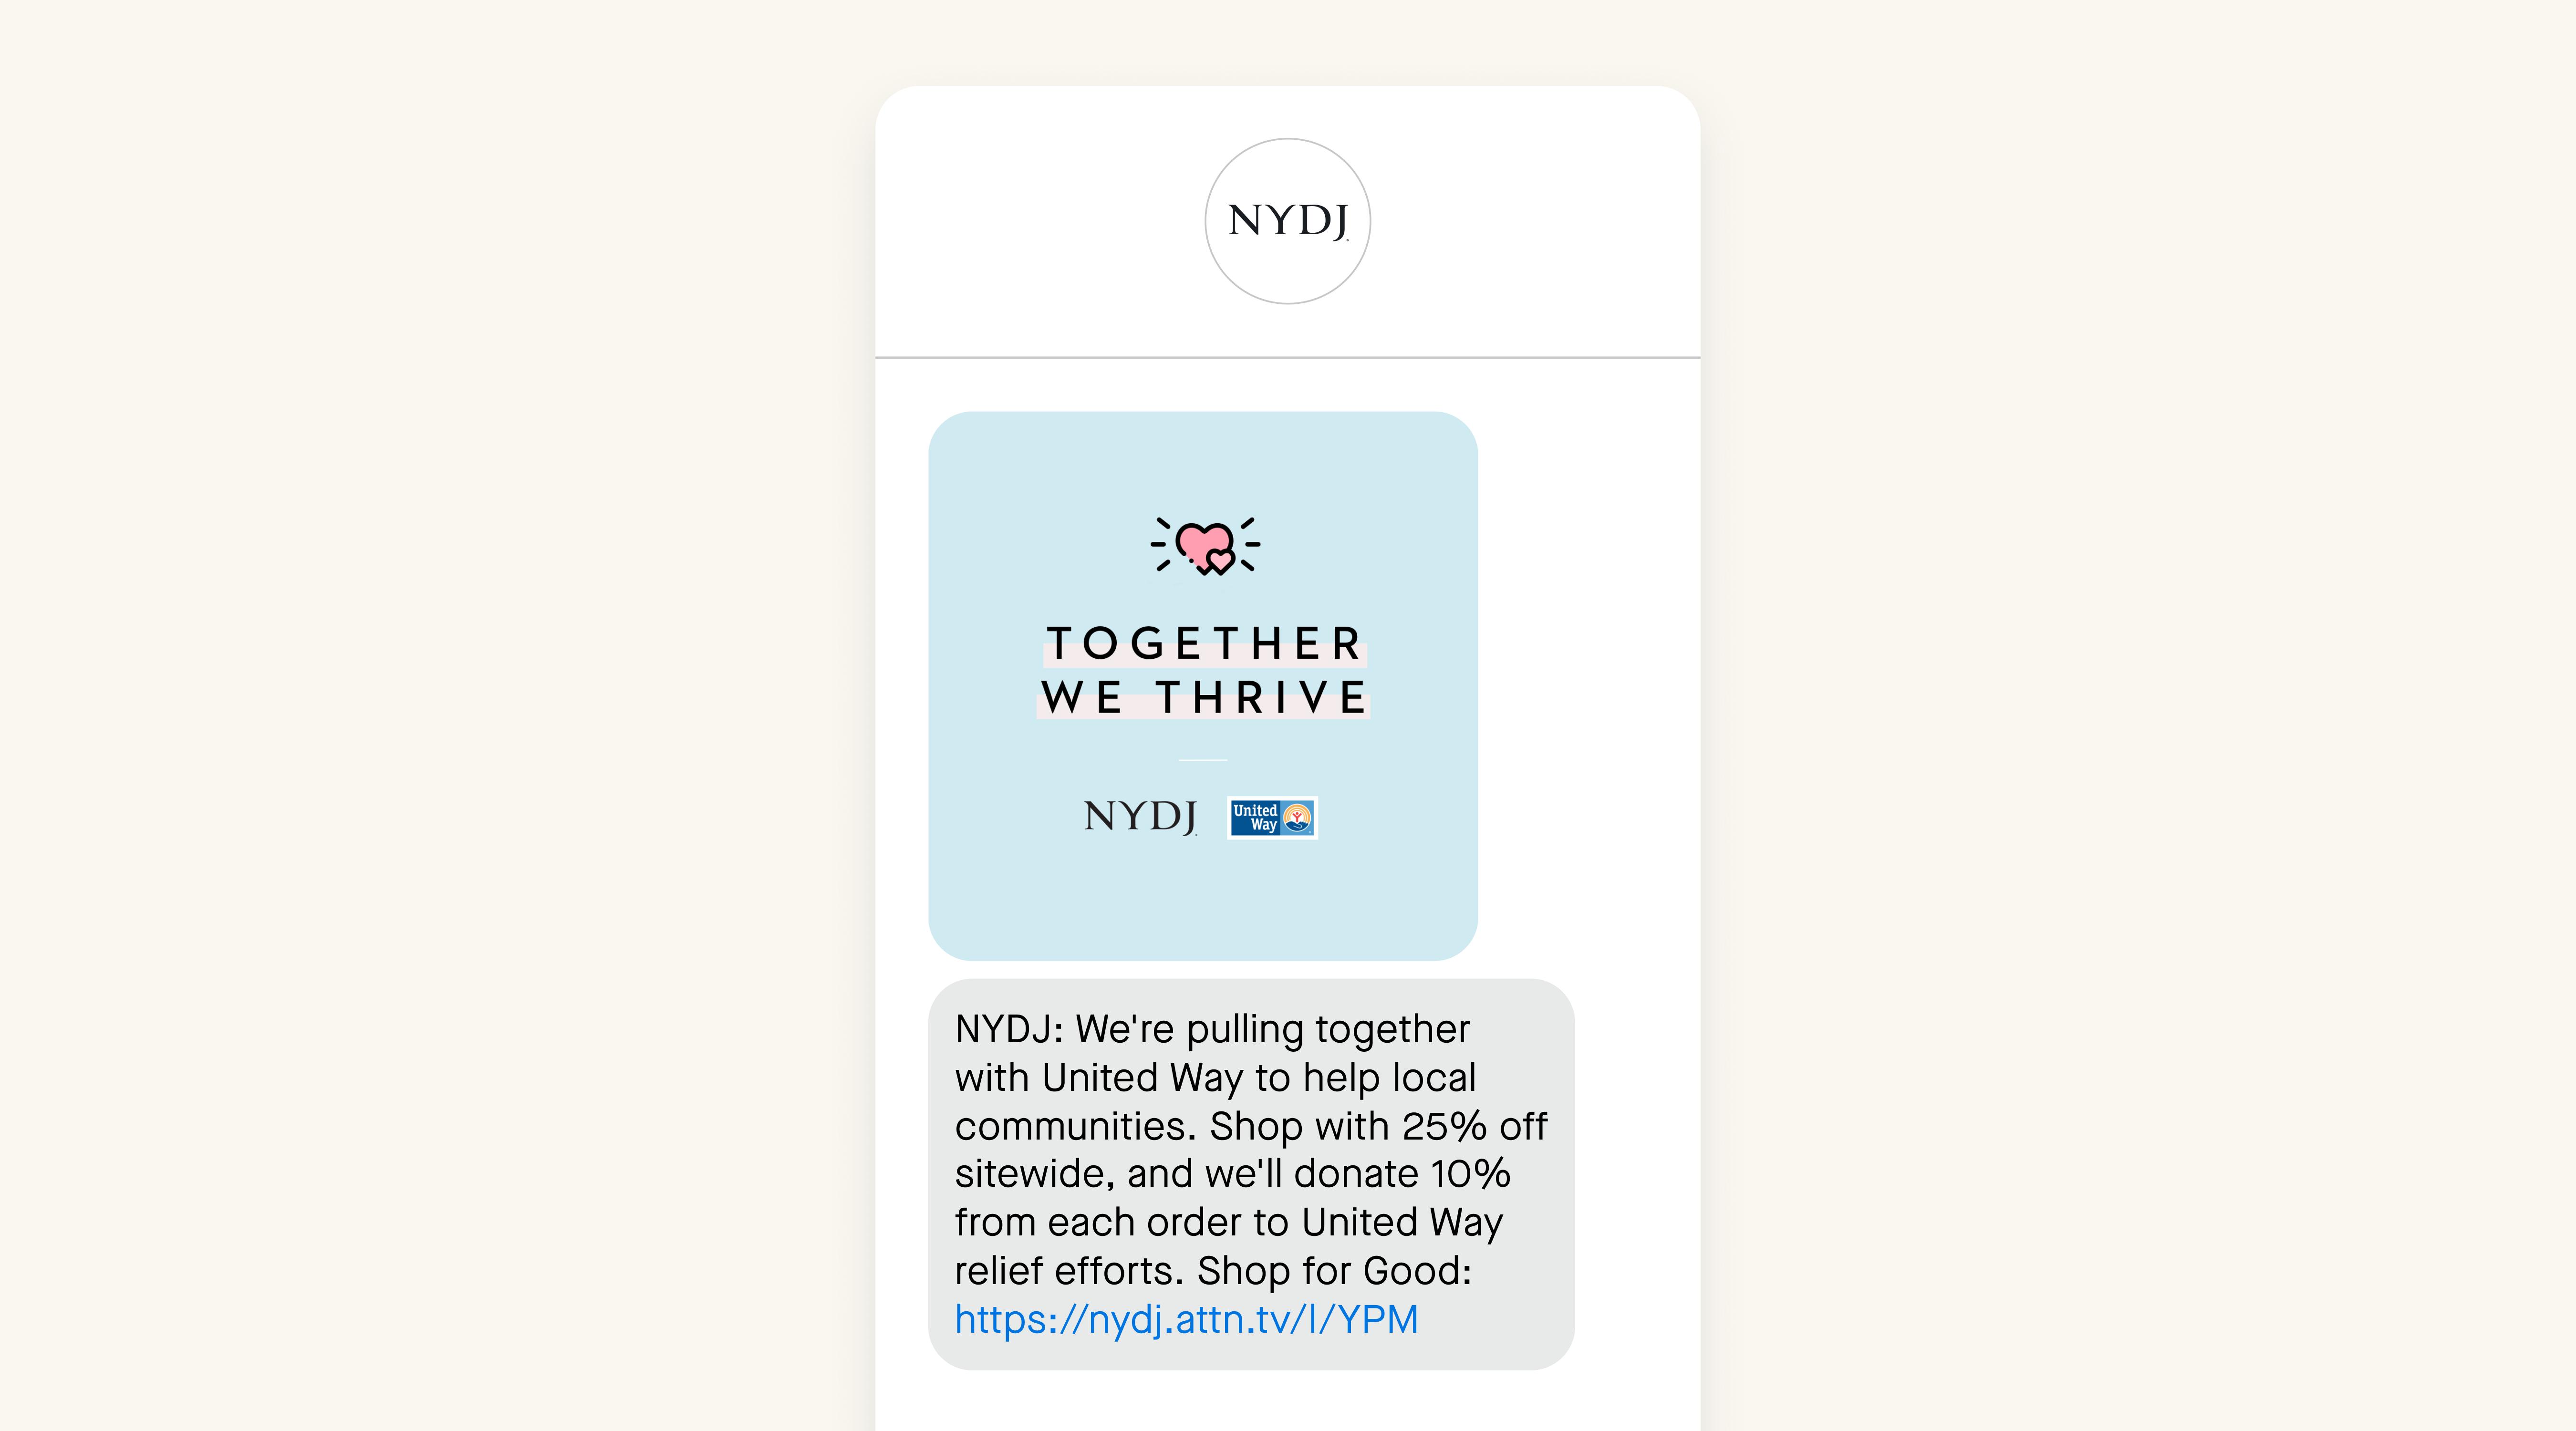 NYDJ SMS exmaple